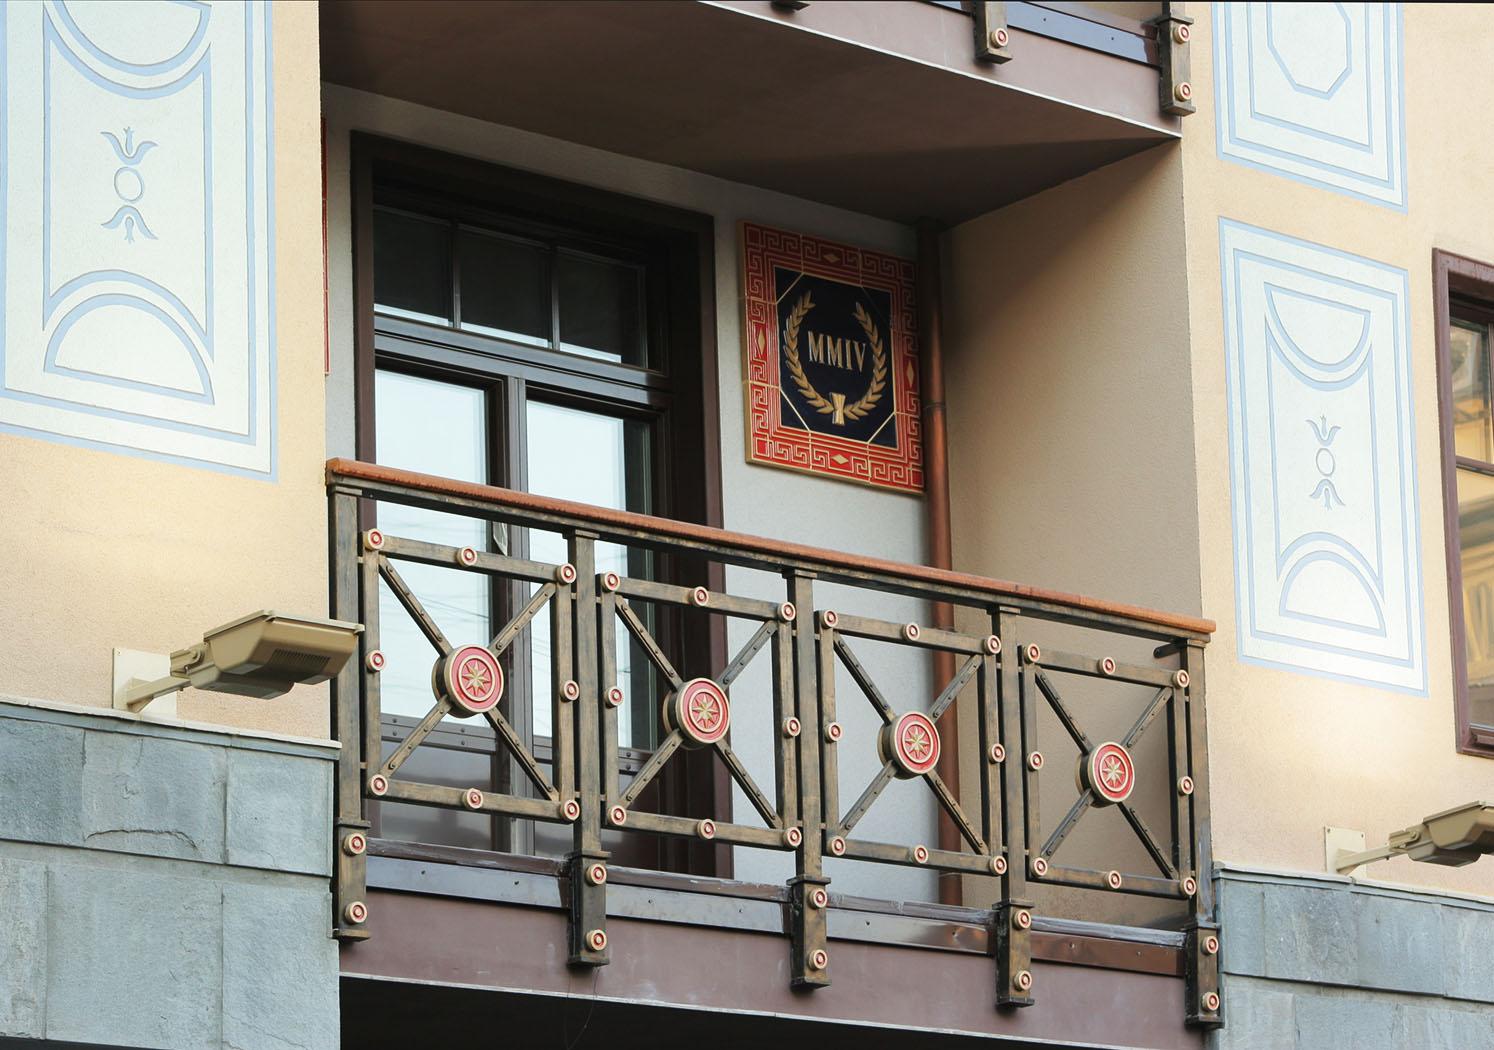 Керамический декор на ограждениях балкона и на стенах здания. Работа выполнена в рамках предприятия Город Богов.